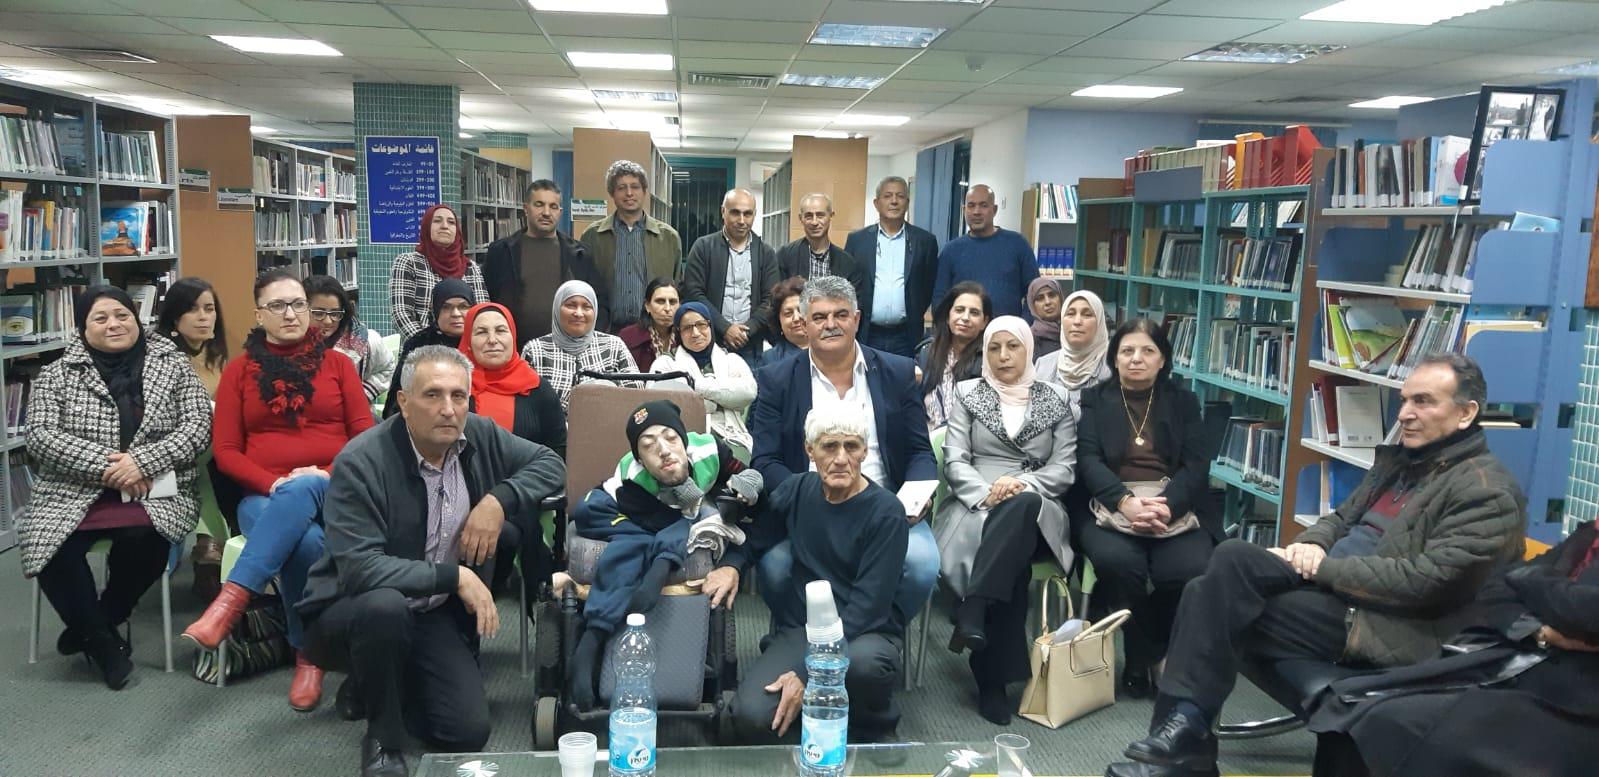 """أمسية مع """"رهين الجسد"""" للكاتب فادي أبو شقارة في المكتبة العامة كوكب ابو الهيجاء"""